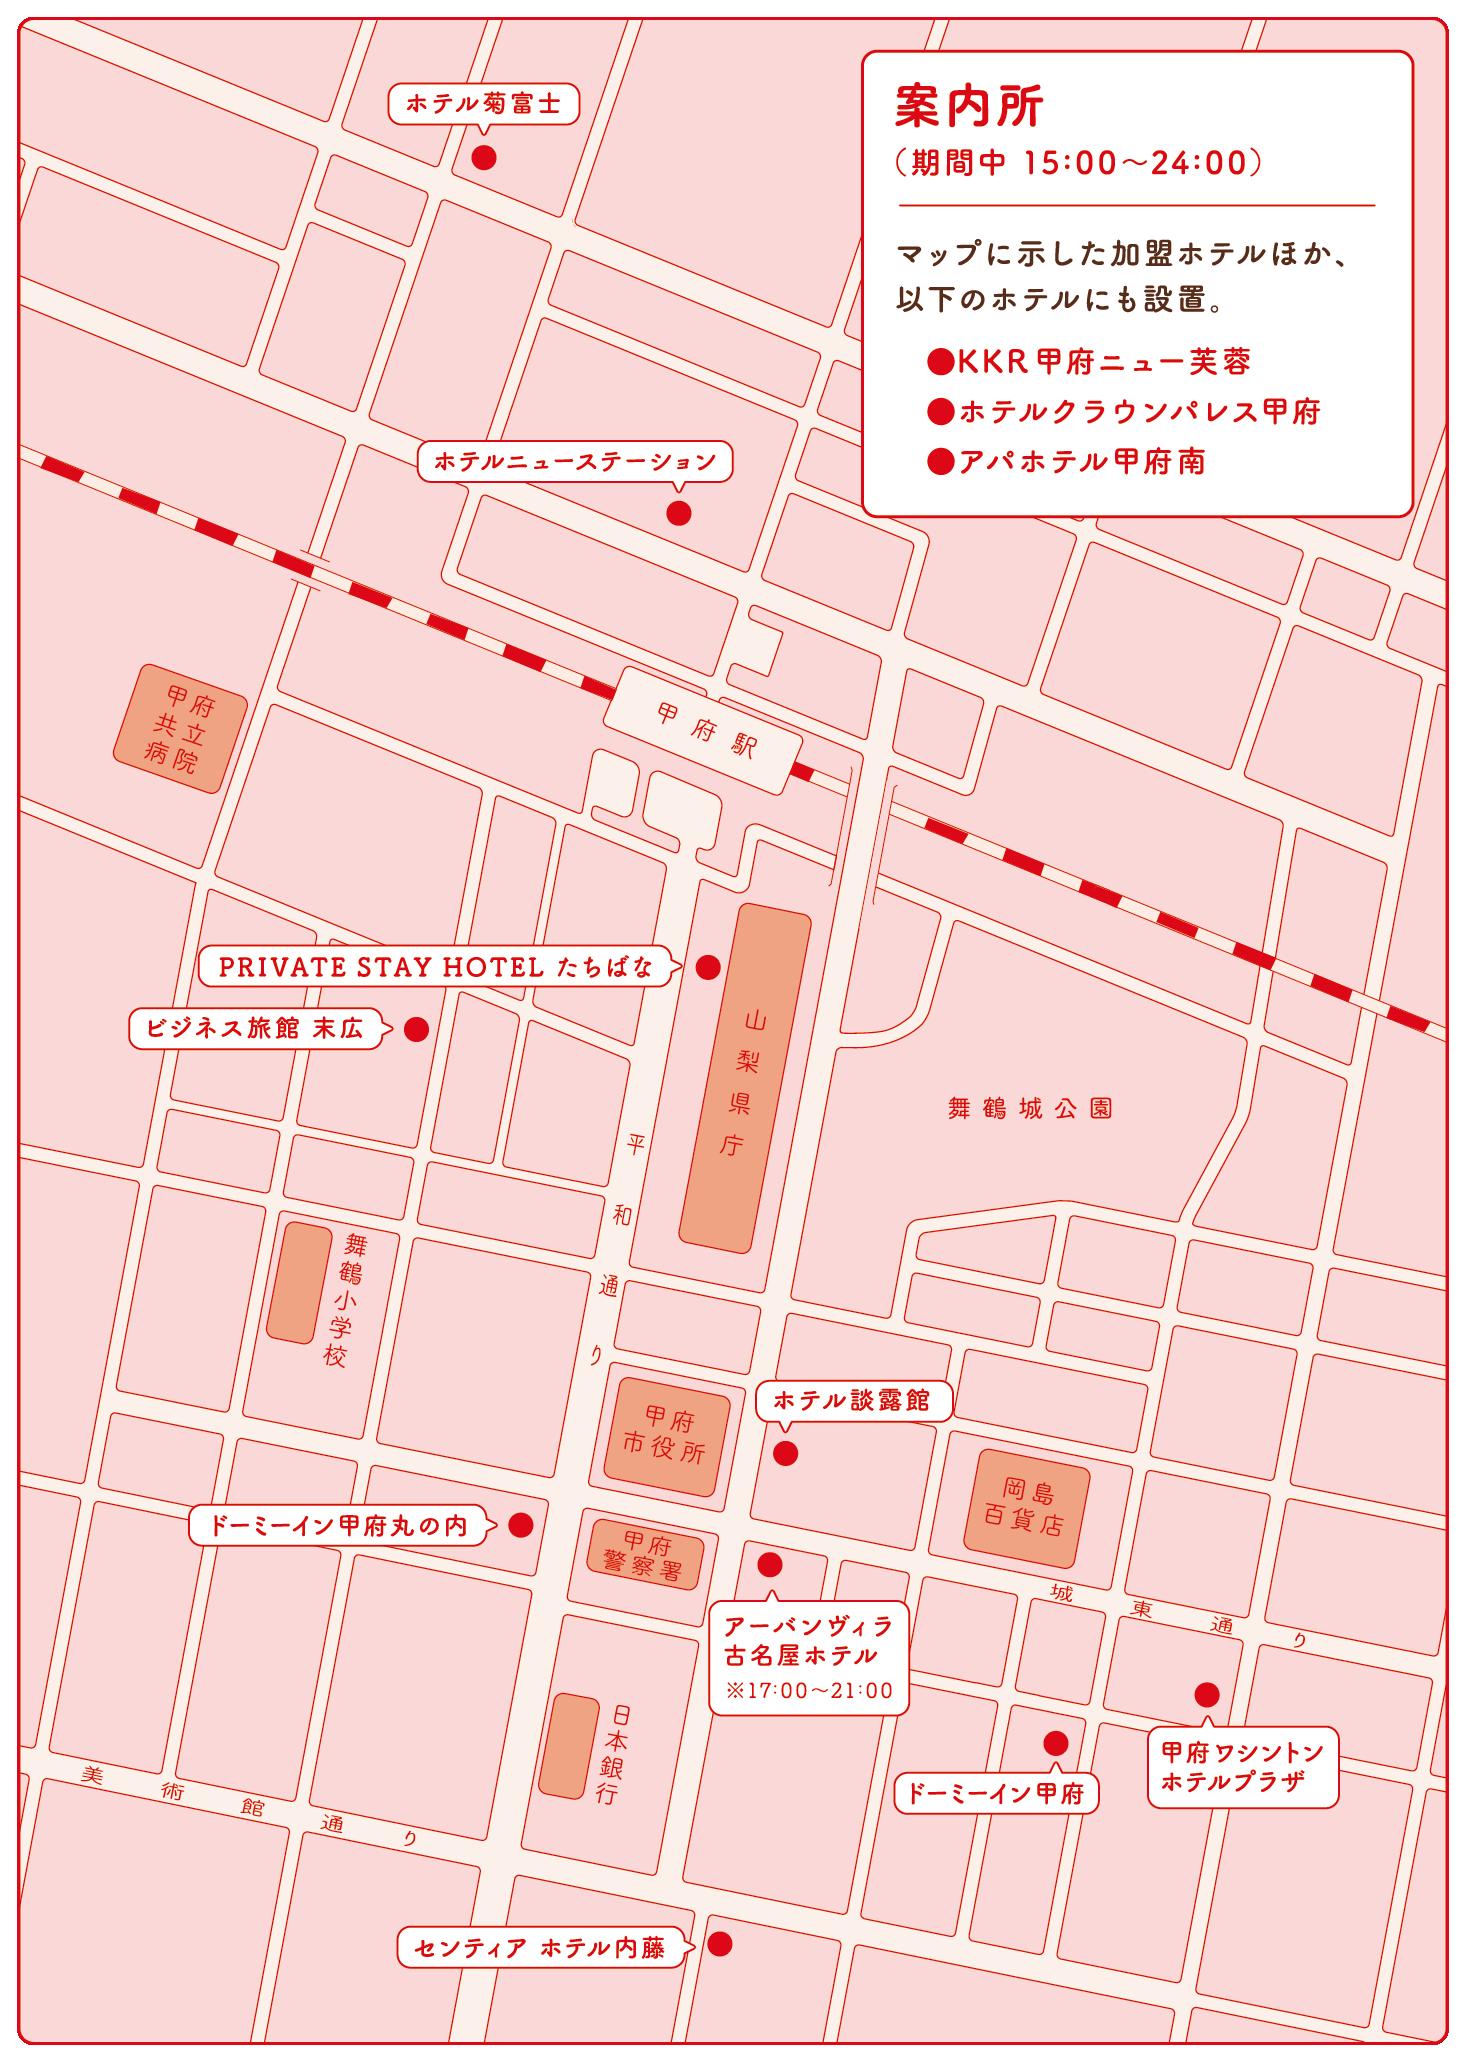 横丁マップ